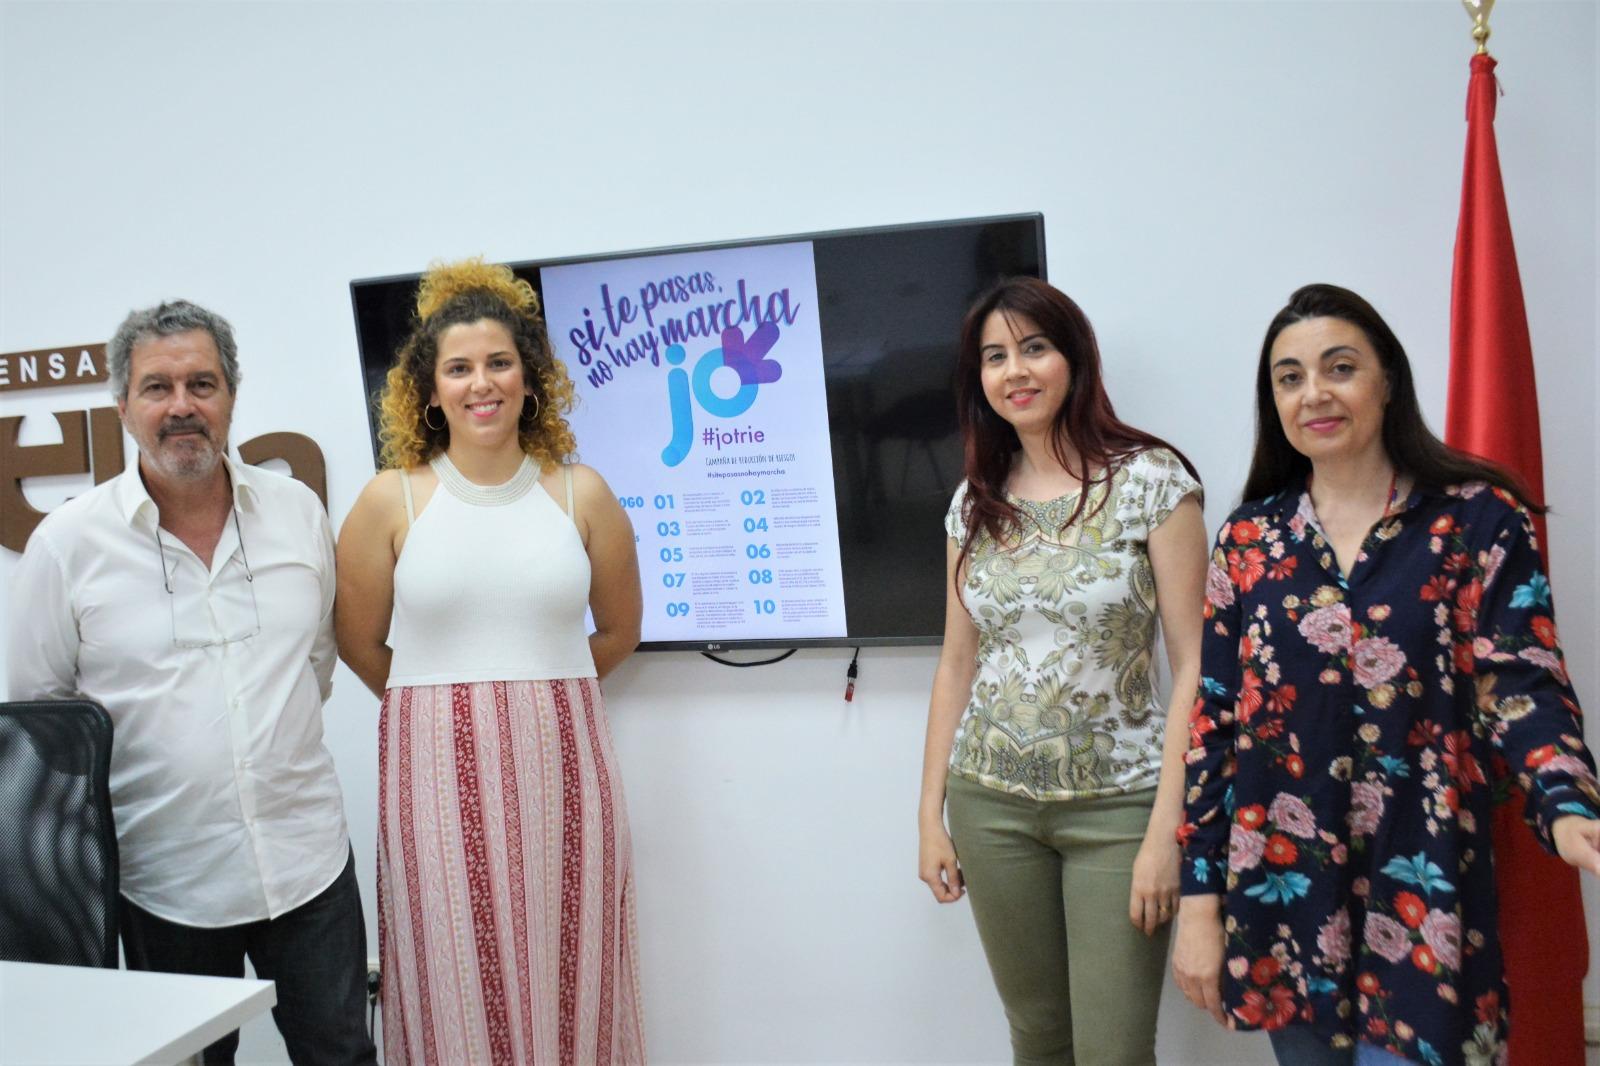 El Ayuntamiento de Elda lanza la campaña 'Si te pasas no hay marcha' para fomentar el consumo moderado de alcohol durante las fiestas de Moros y Cristianos